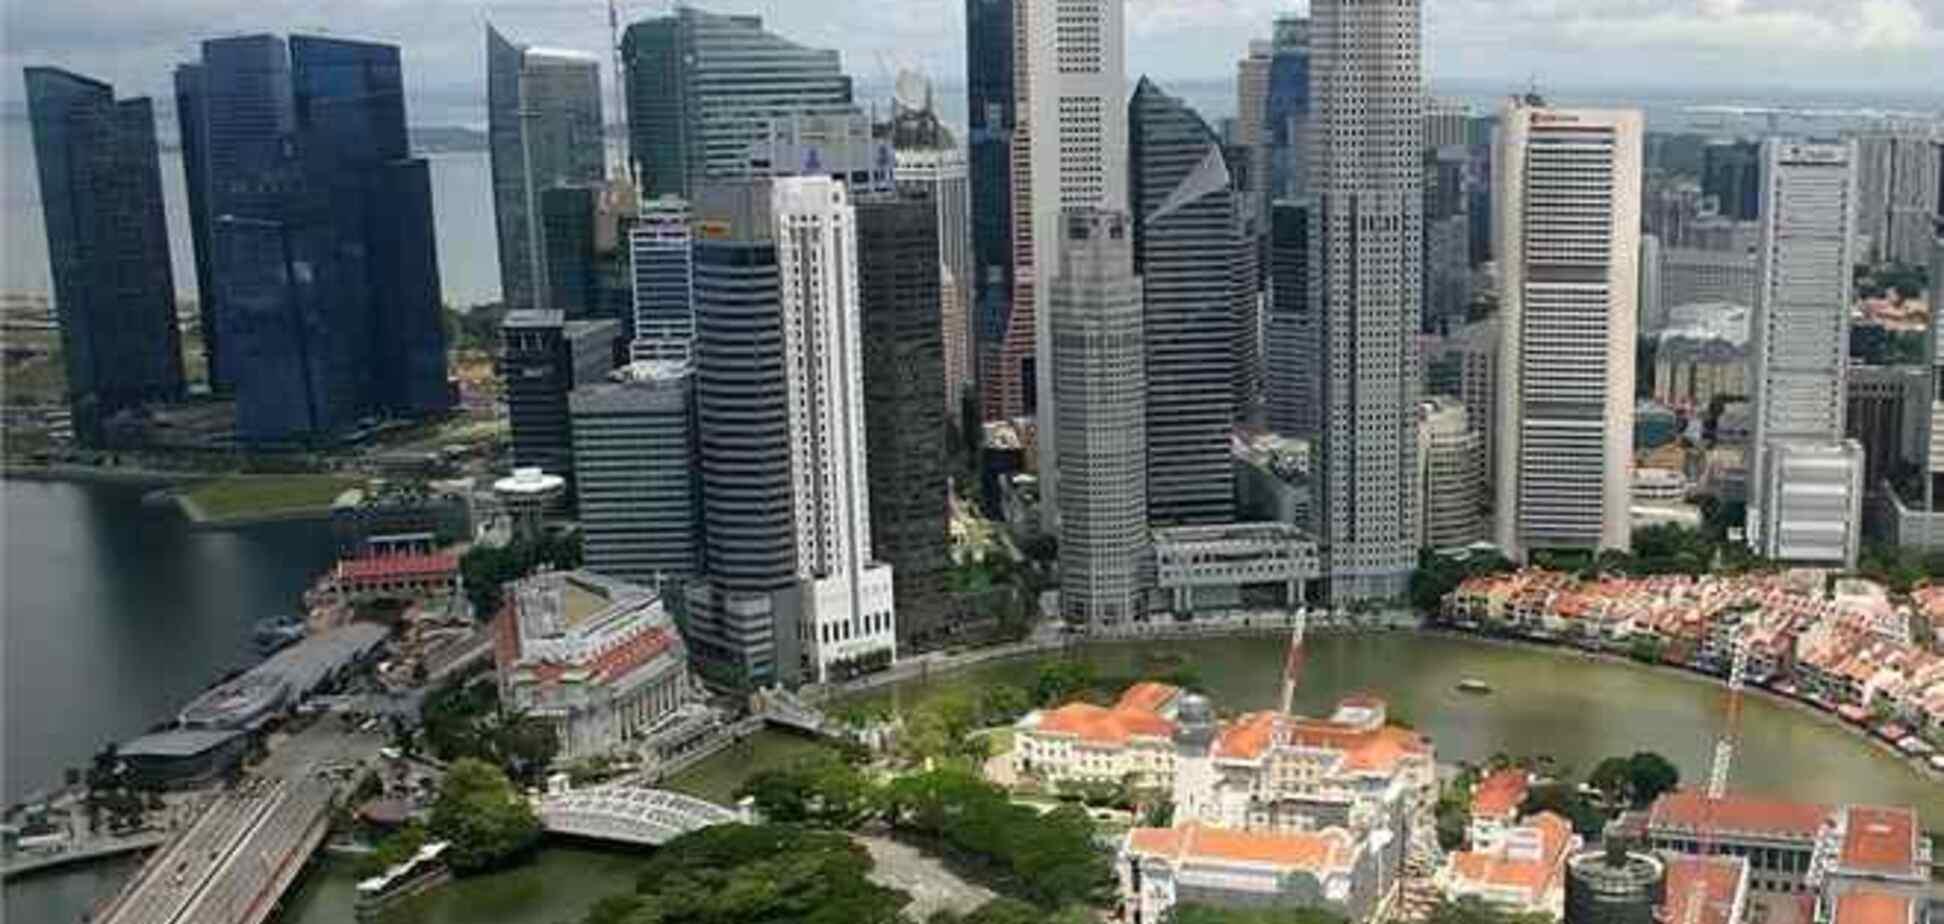 Цены на жилье Сингапура выросли до рекордного уровня